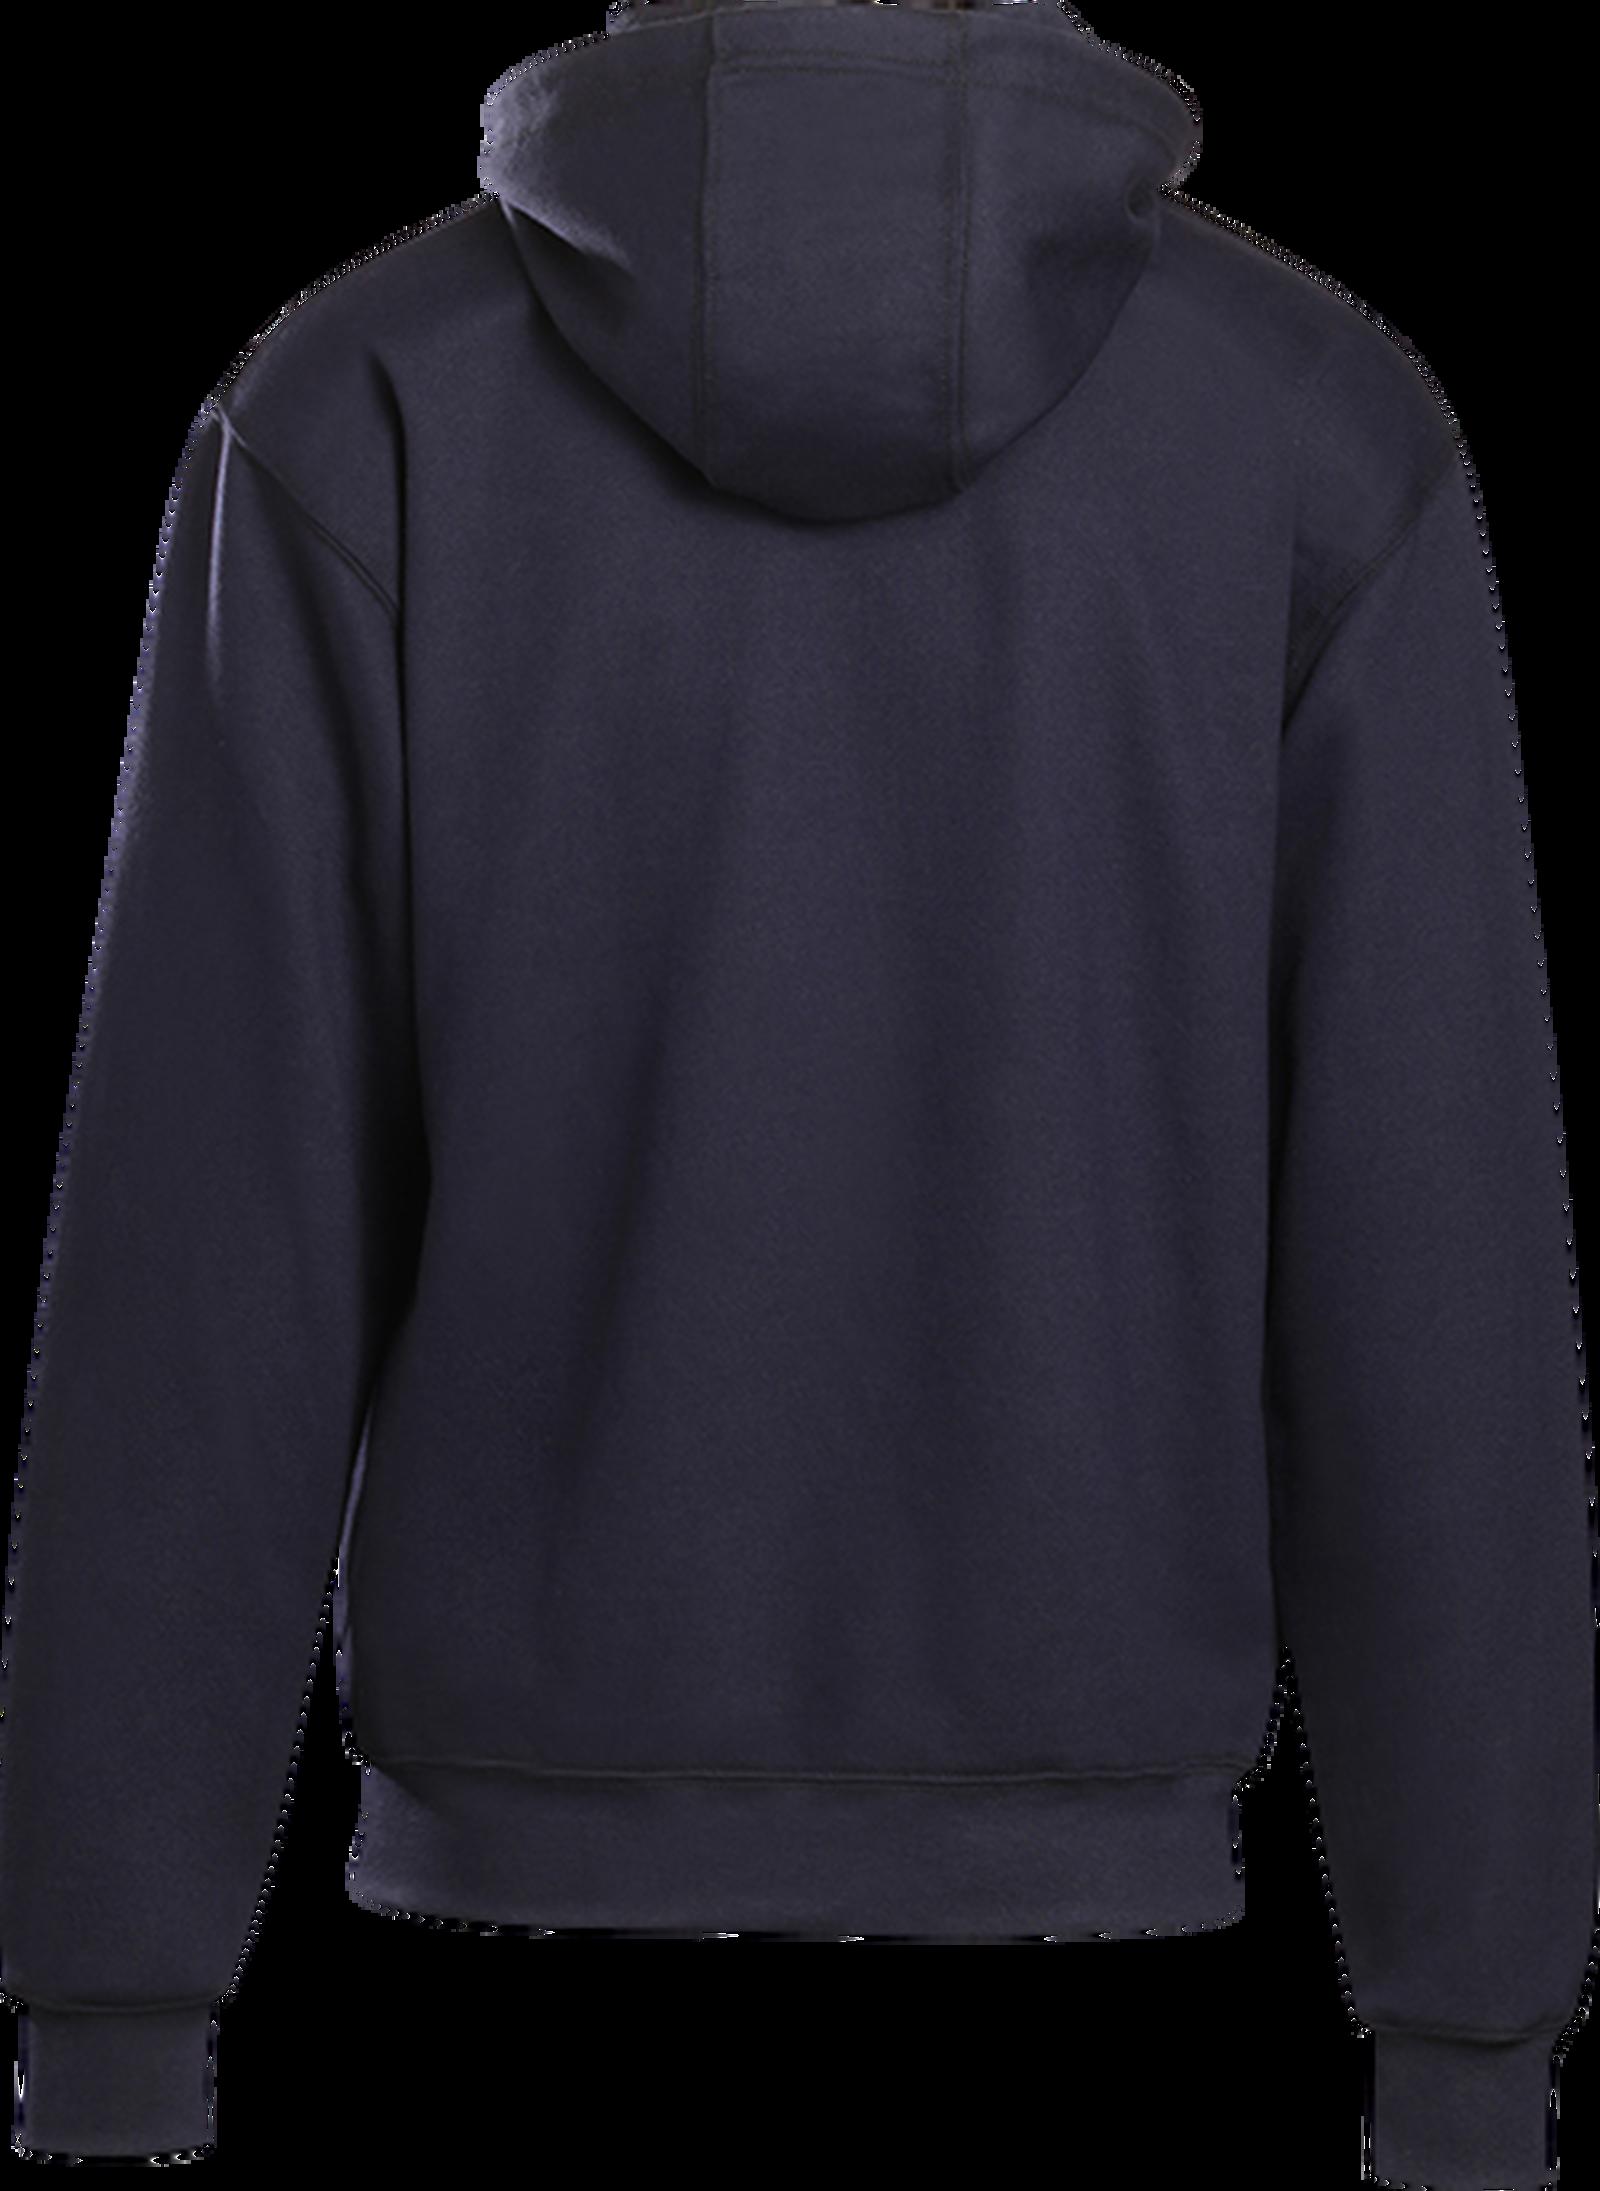 Men's Fleece FR Pullover Hooded Sweatshirt